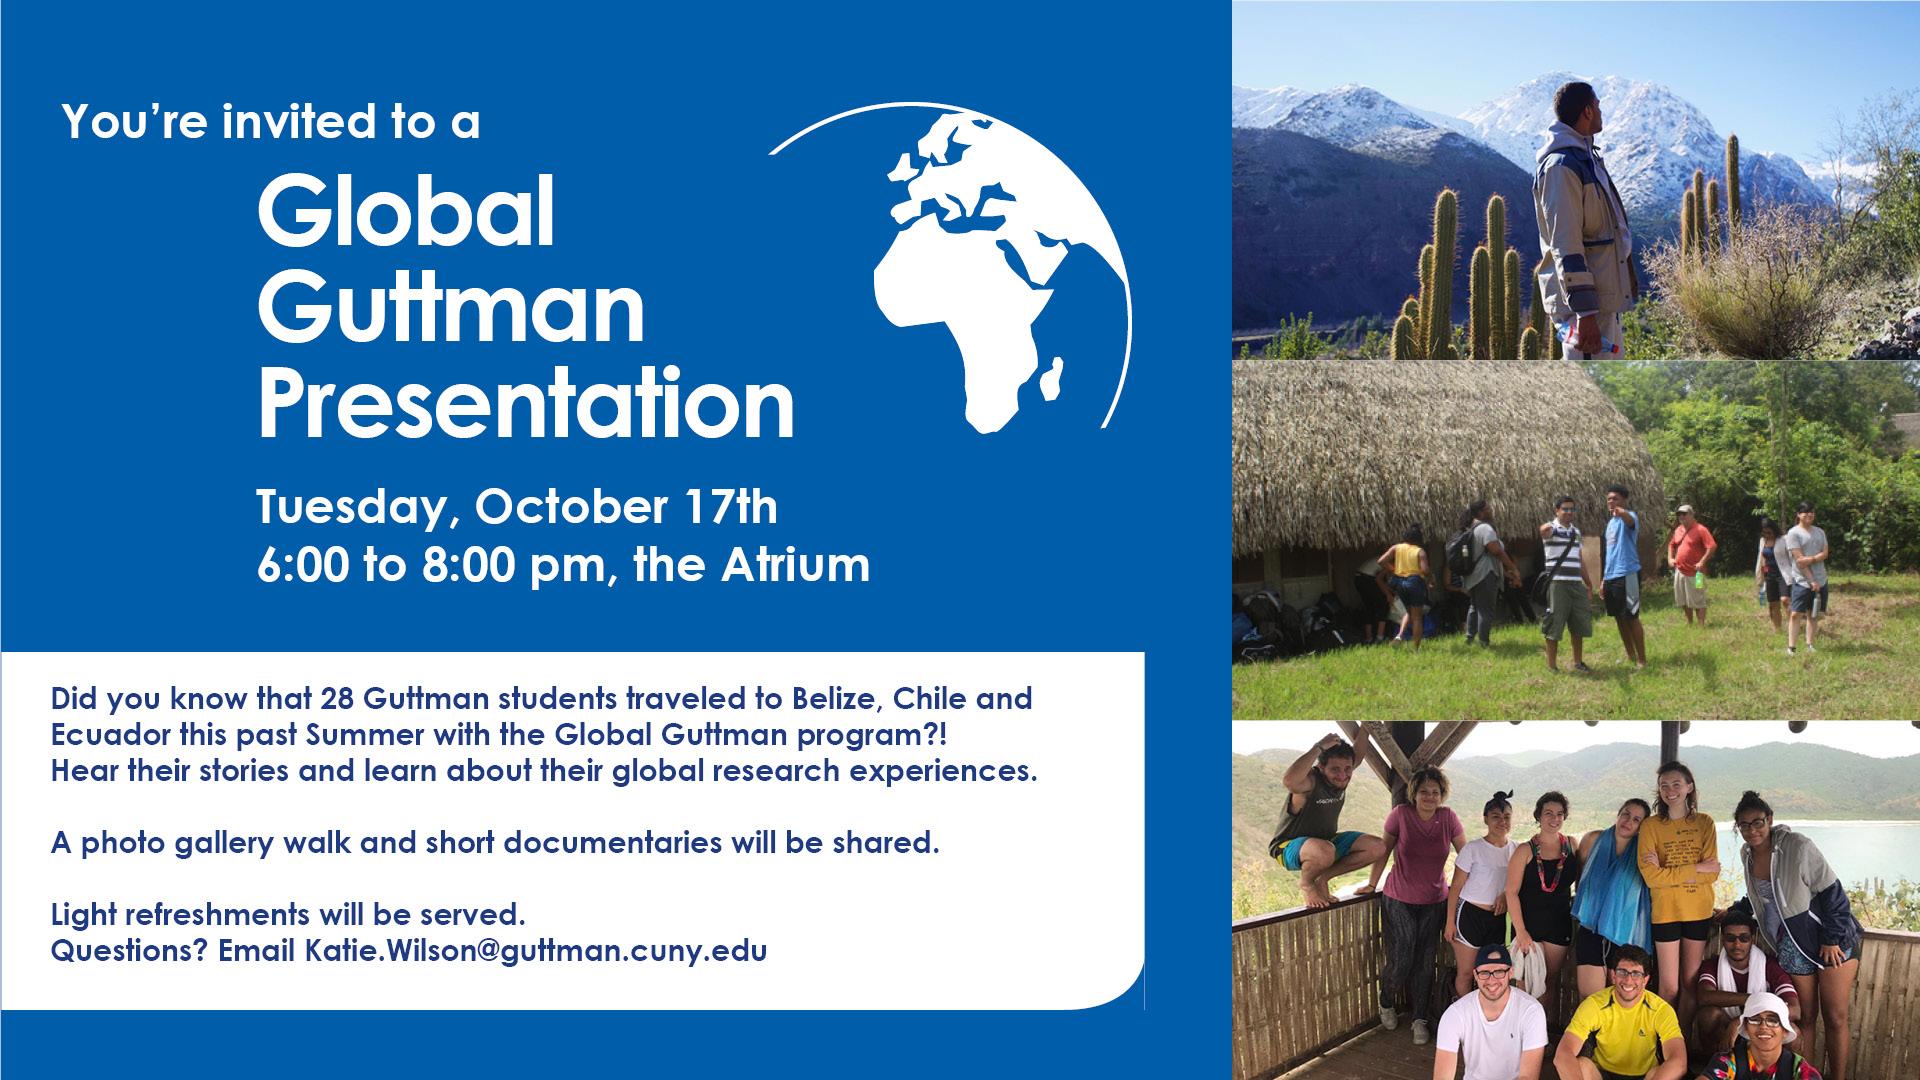 Global Guttman Presentation 2017